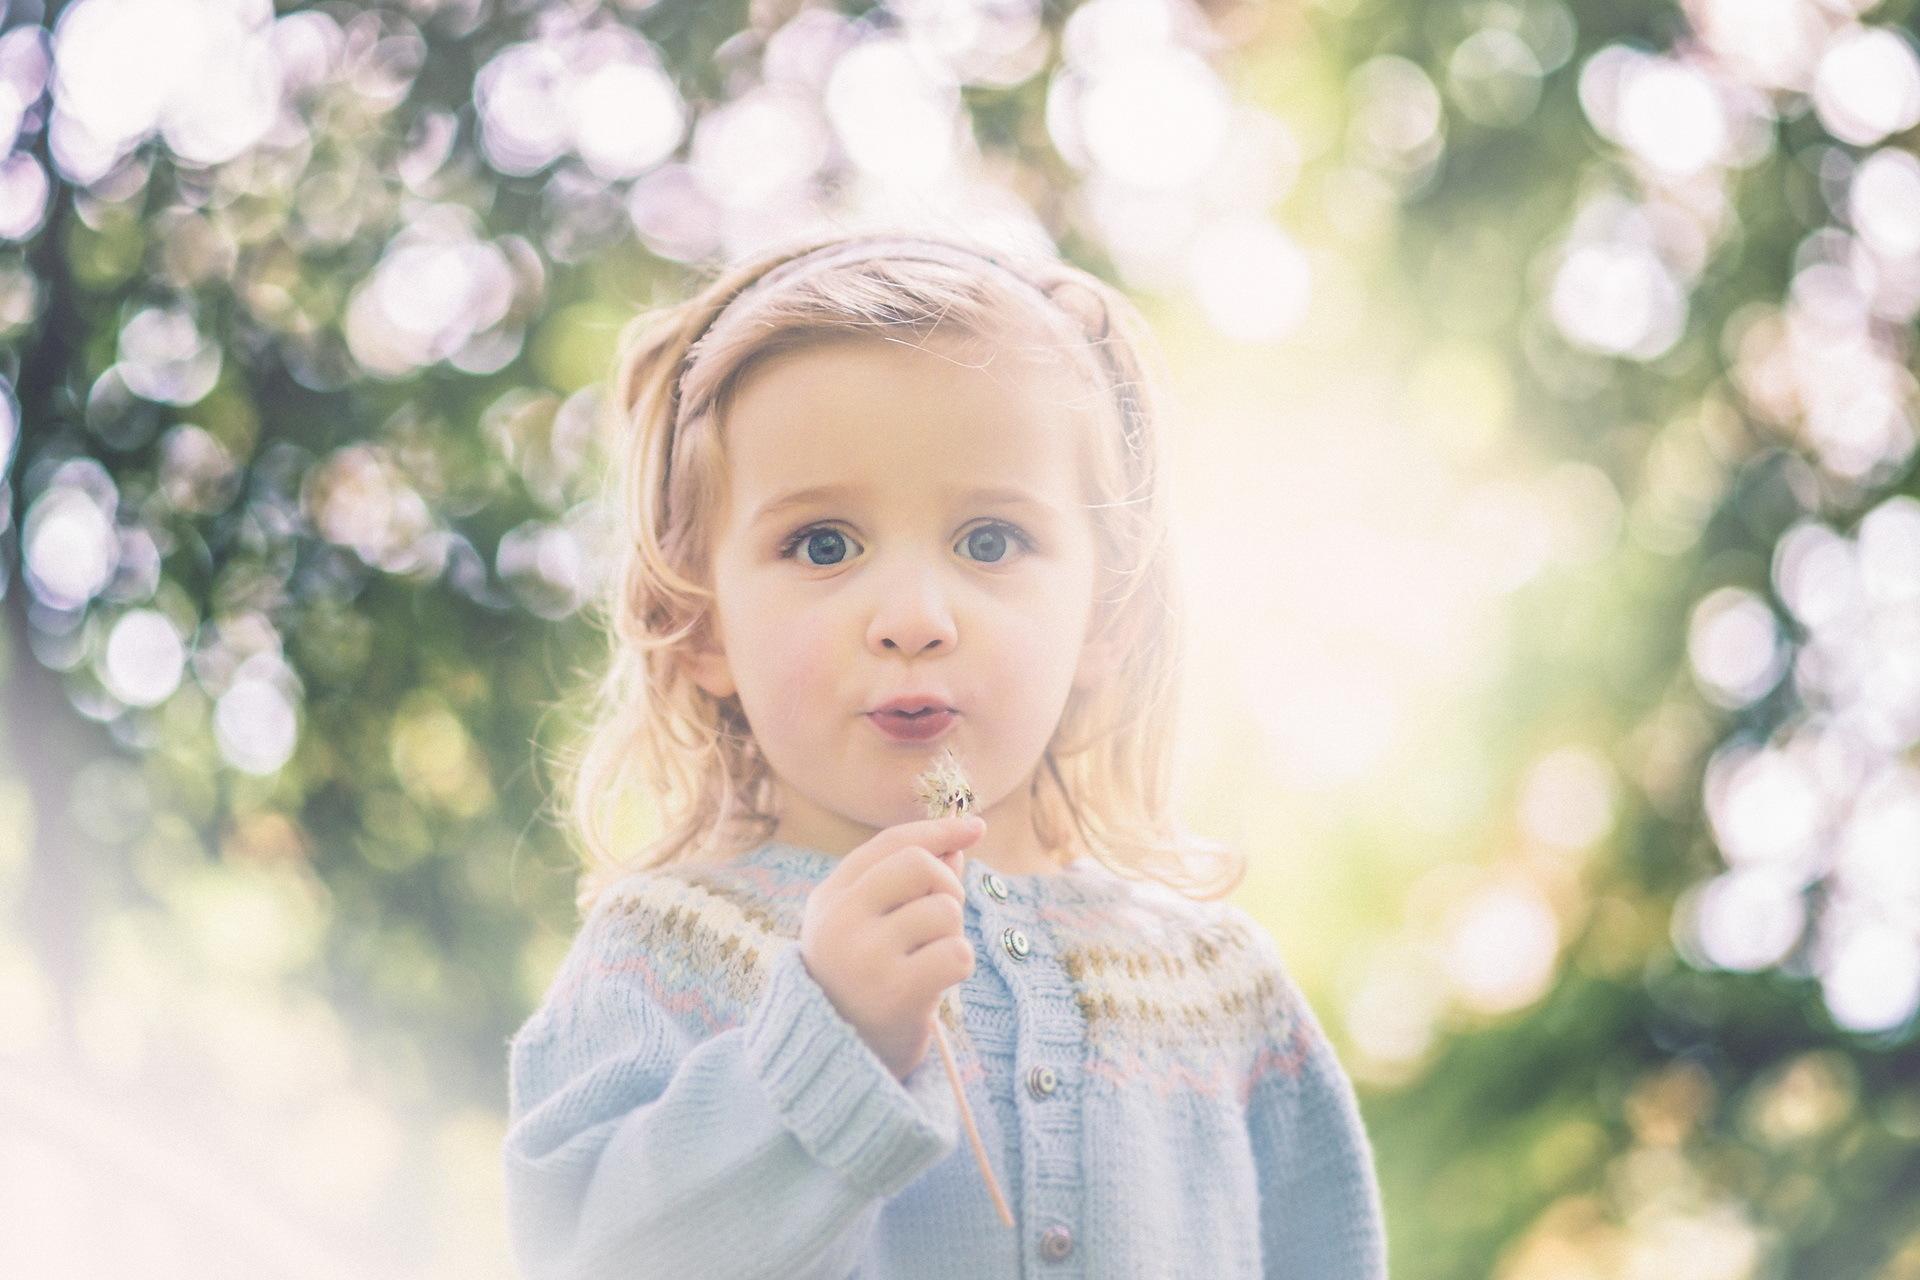 بالصور صور بنات صغار حلوين , كروت اطفال لاجمل الفتيات 2852 5